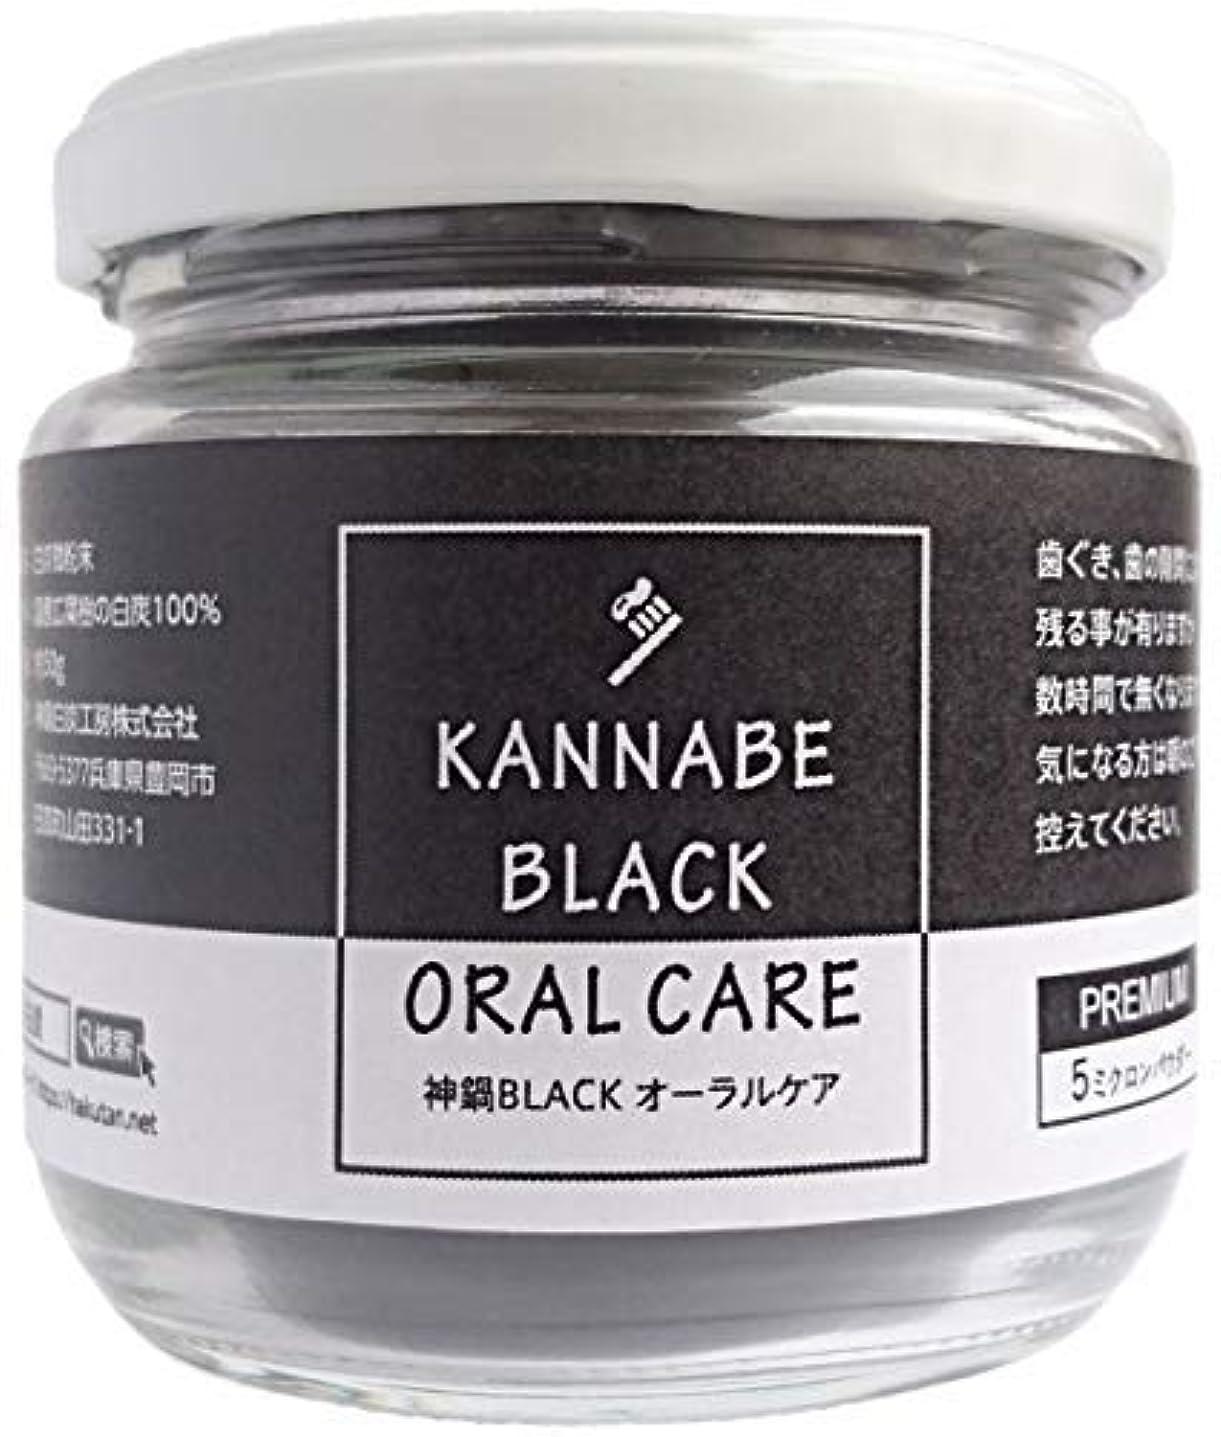 共産主義者最高北米ホワイトニング オーラルケア 歯磨き 口臭 炭パウダー チャコール 5ミクロン 神鍋BLACK 独自白炭製法 50g